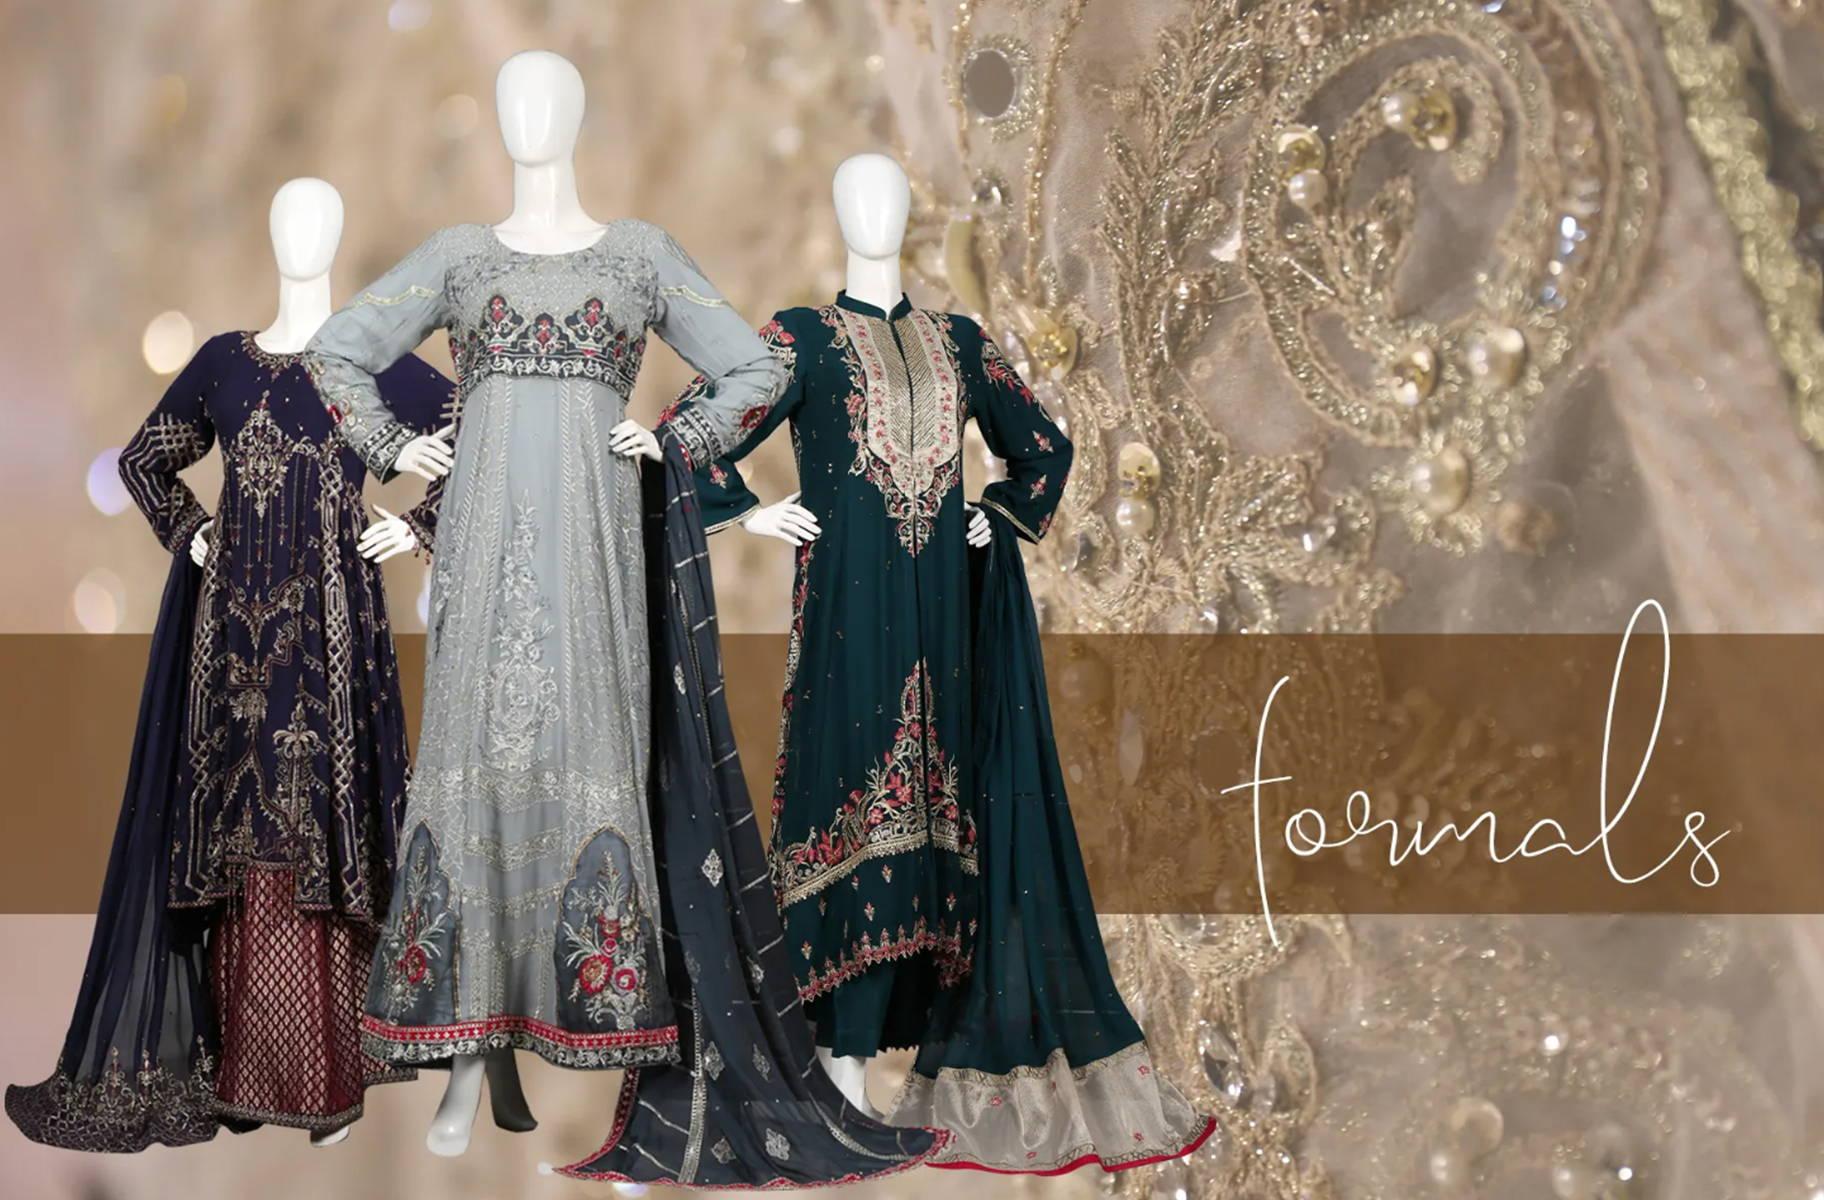 formal-wear luxury wear, Chiffon dresses